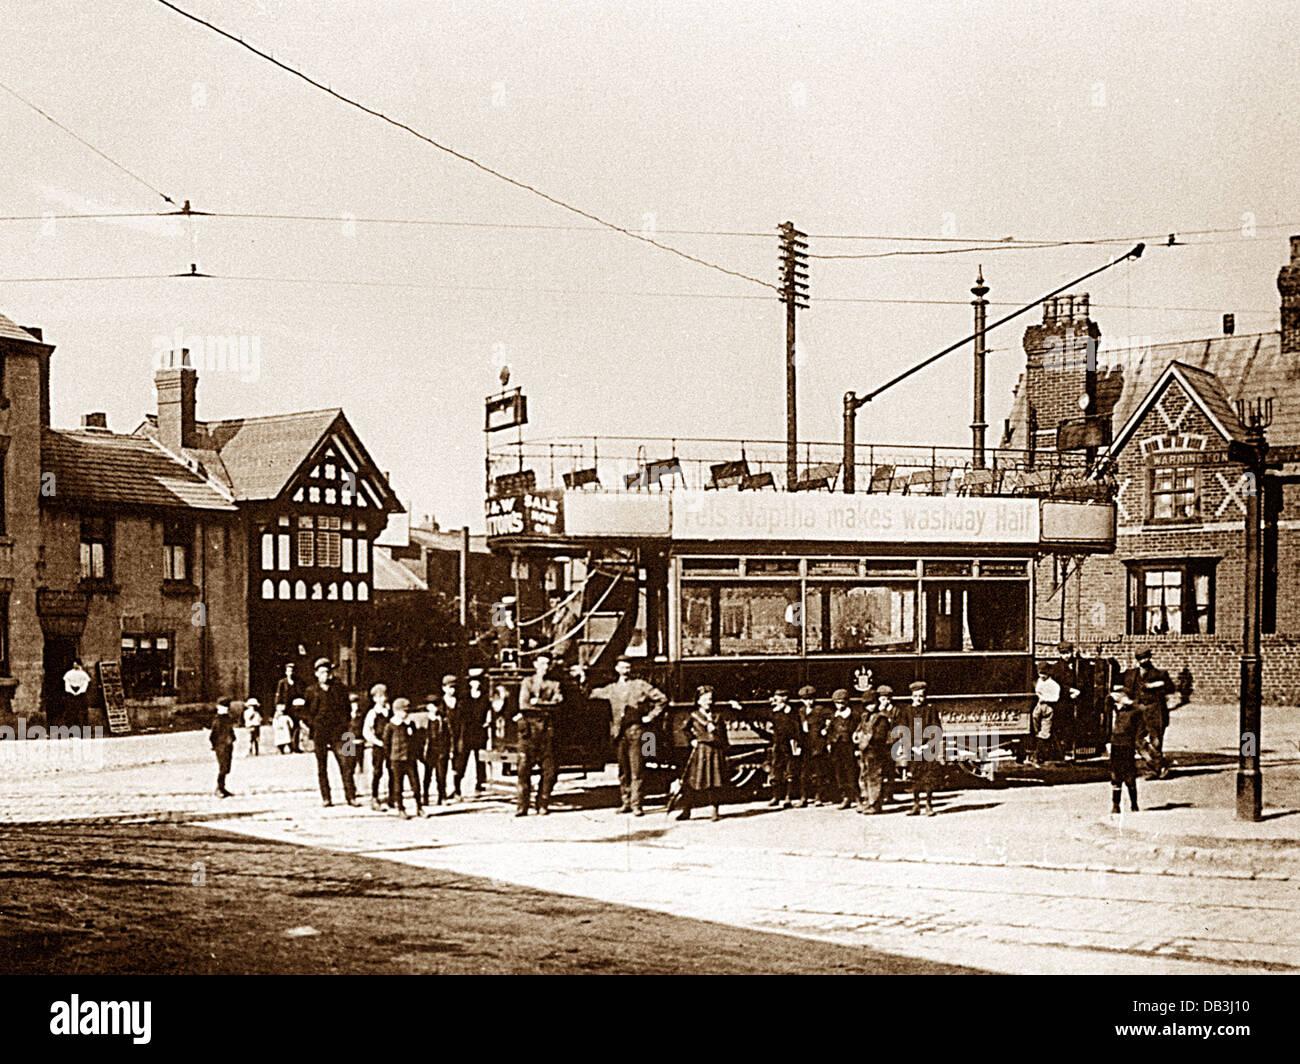 Stockton Heath Victoria Square early 1900s - Stock Image